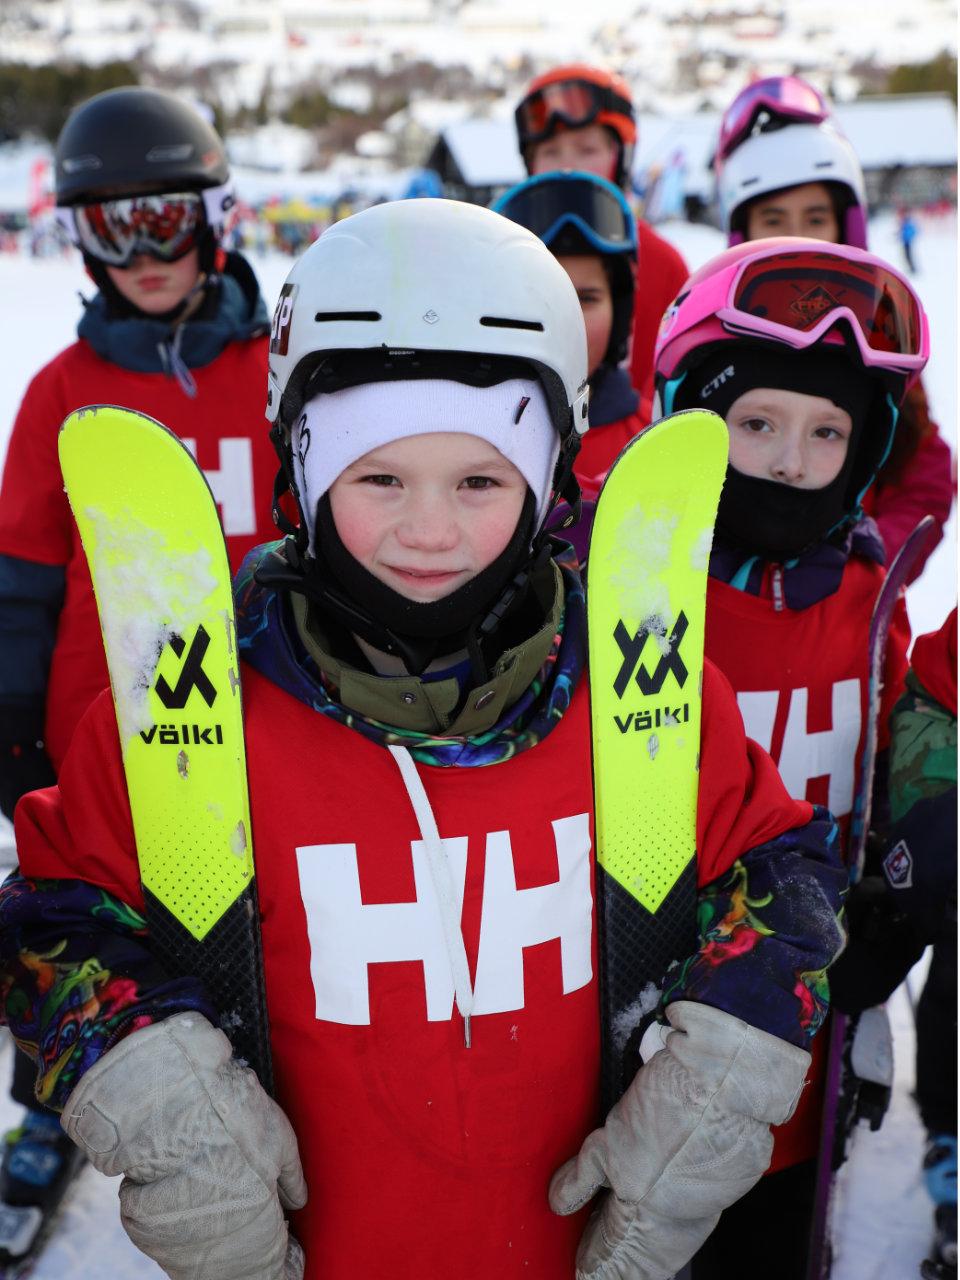 Pur Vinterglede Snowboard